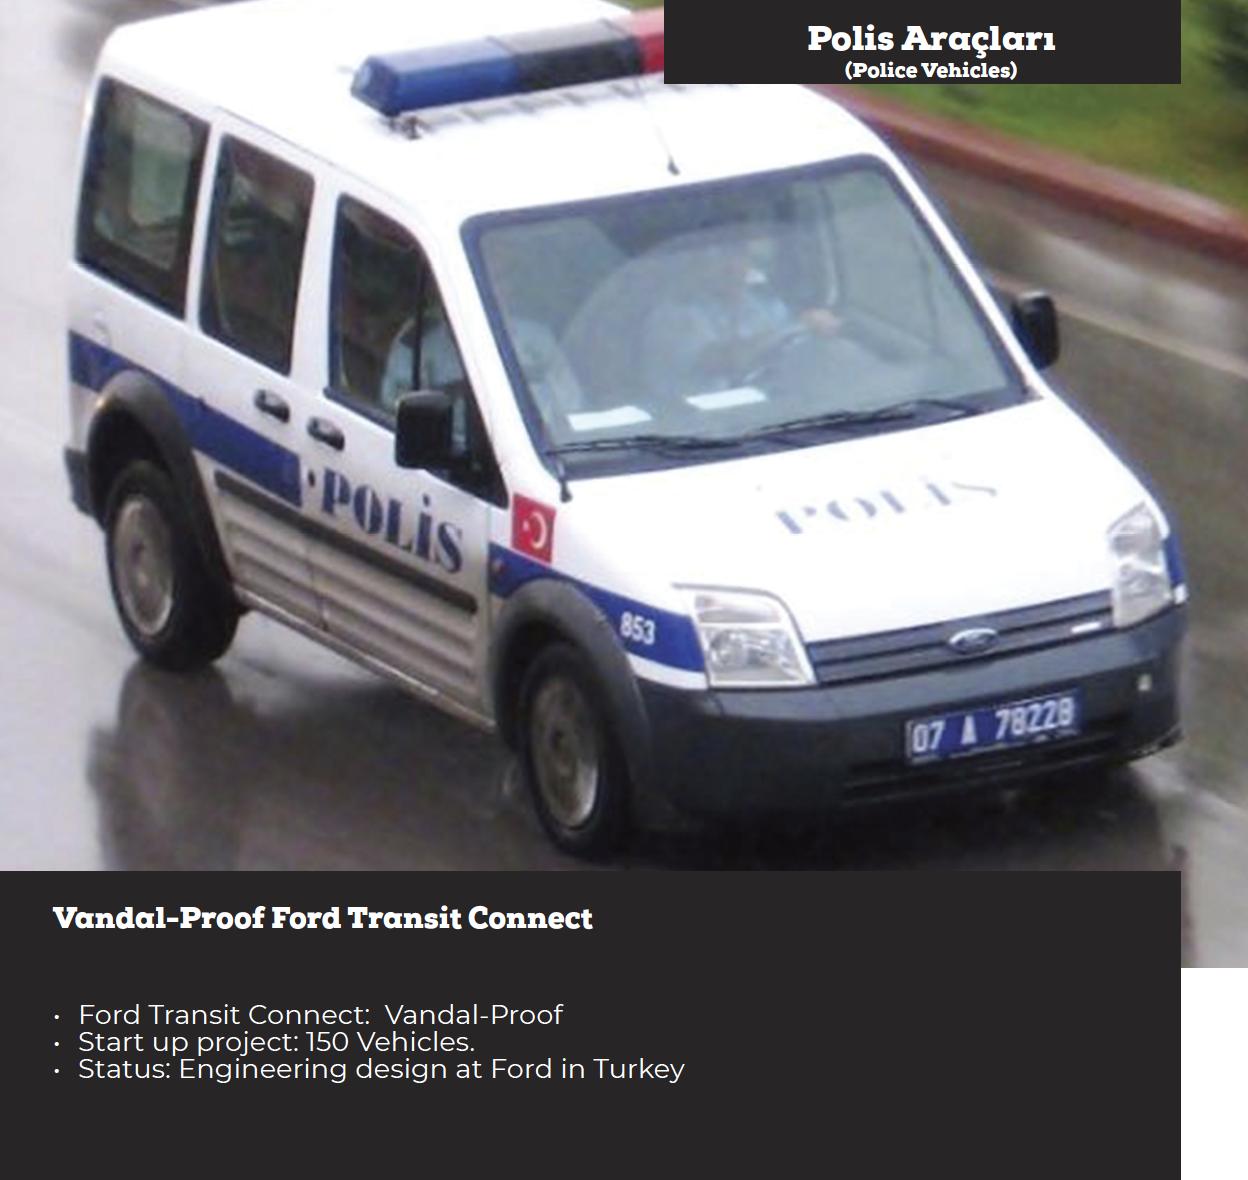 Polis Araçları (Police Vehicles)